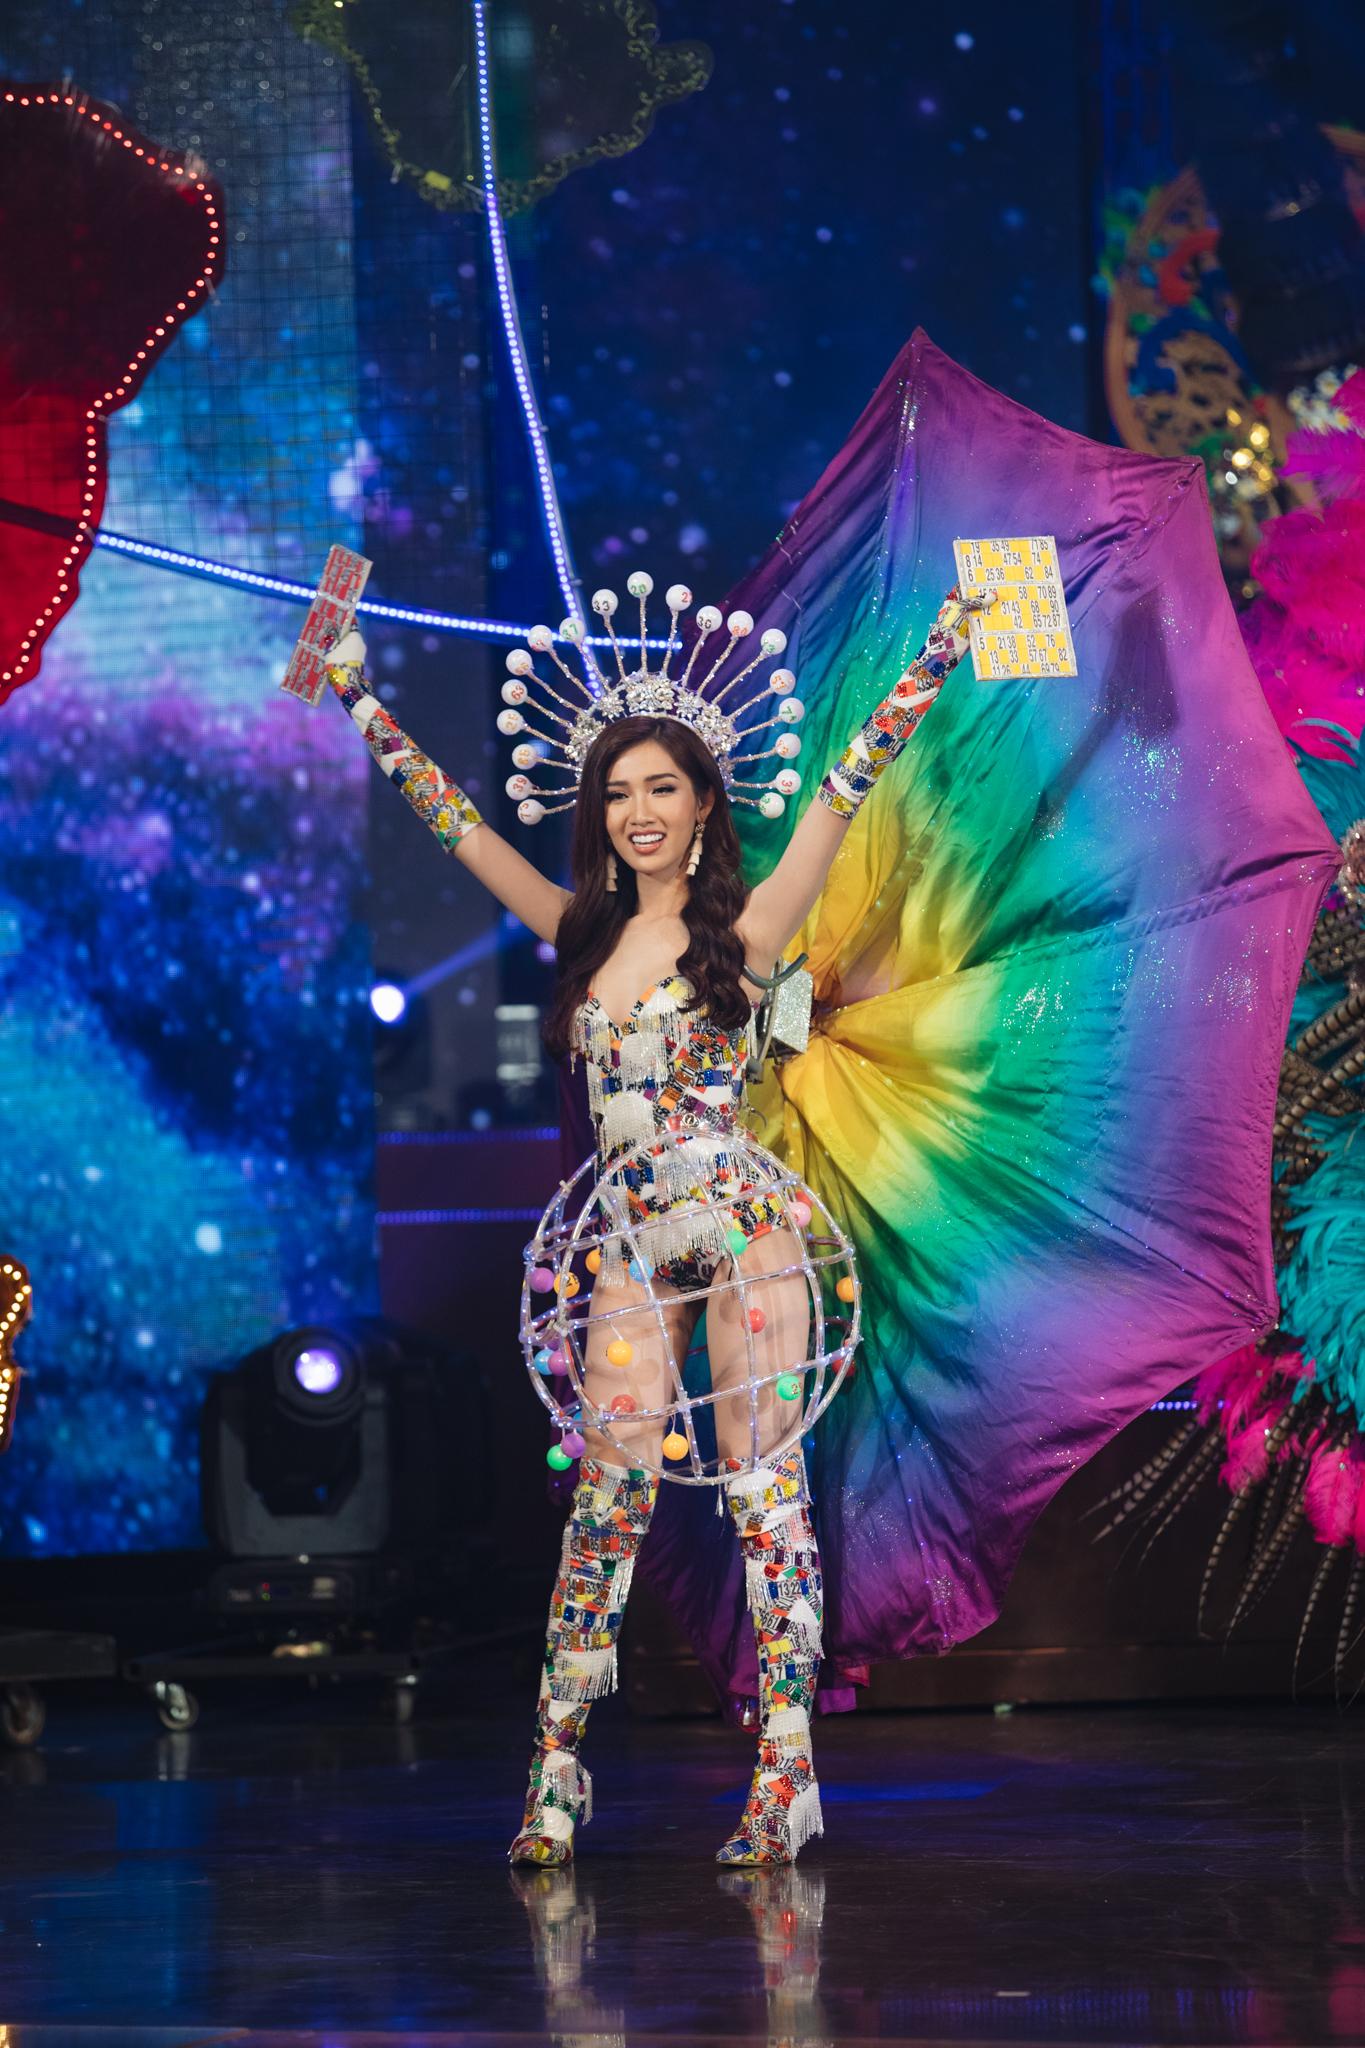 Người đẹp Mỹ kế nhiệm Hương Giang, đăng quang Hoa hậu Chuyển giới Quốc tế 2019 8